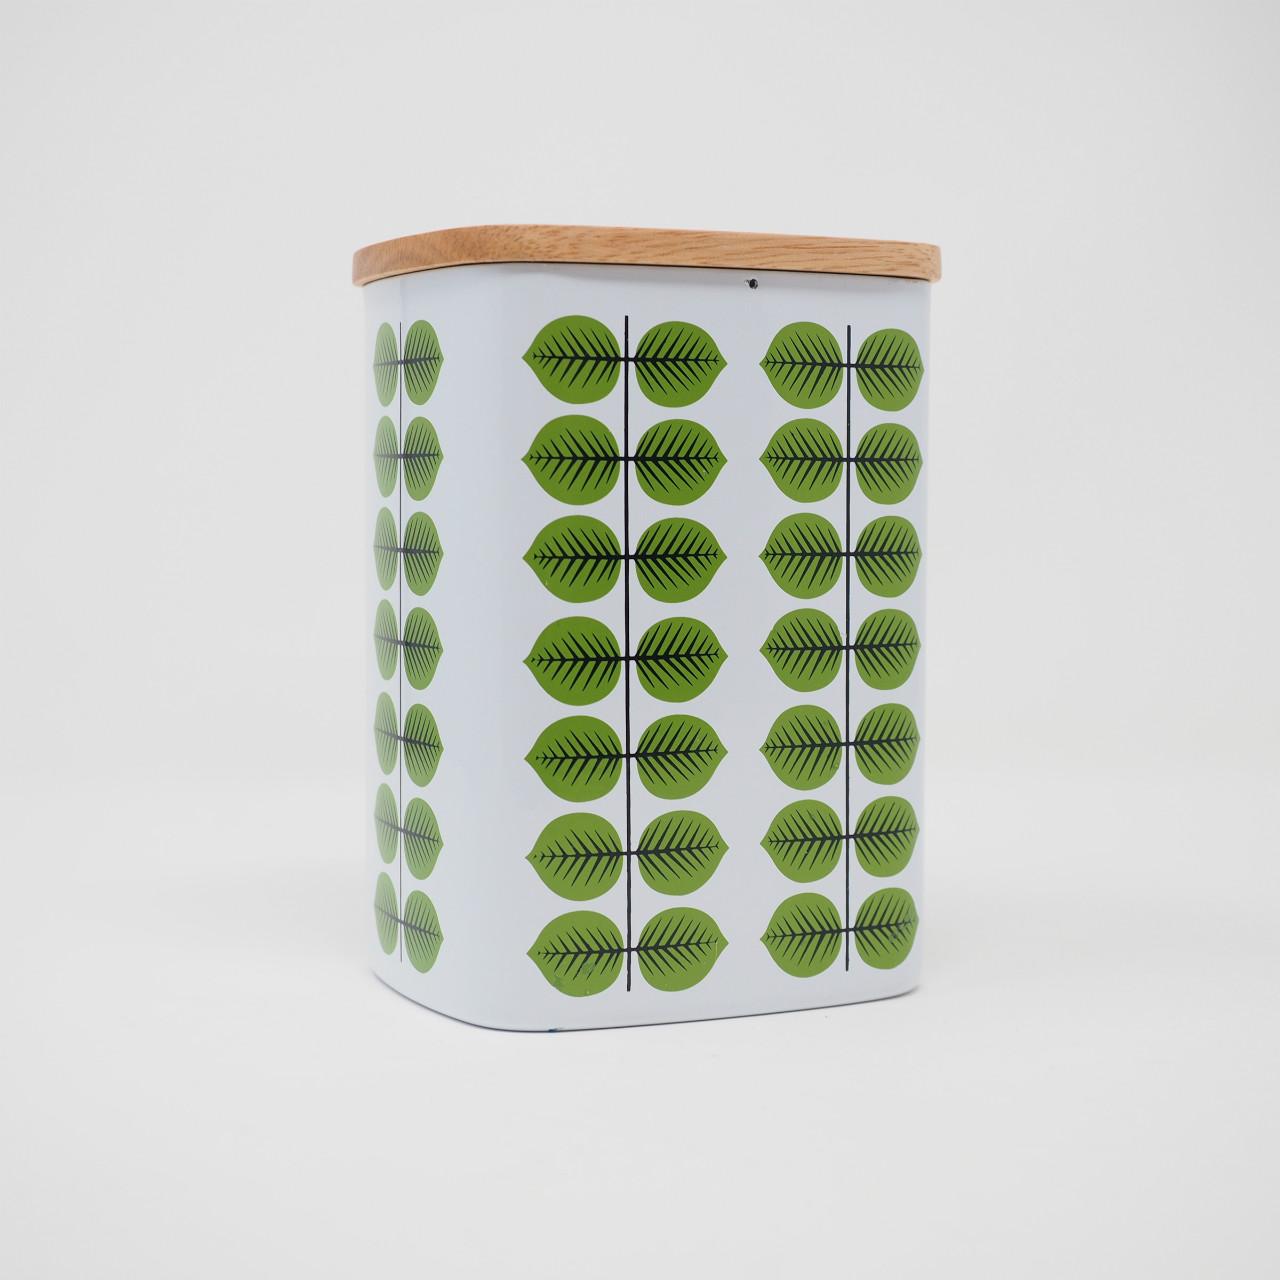 ベルサ ティン缶キャニスター(木蓋付き)